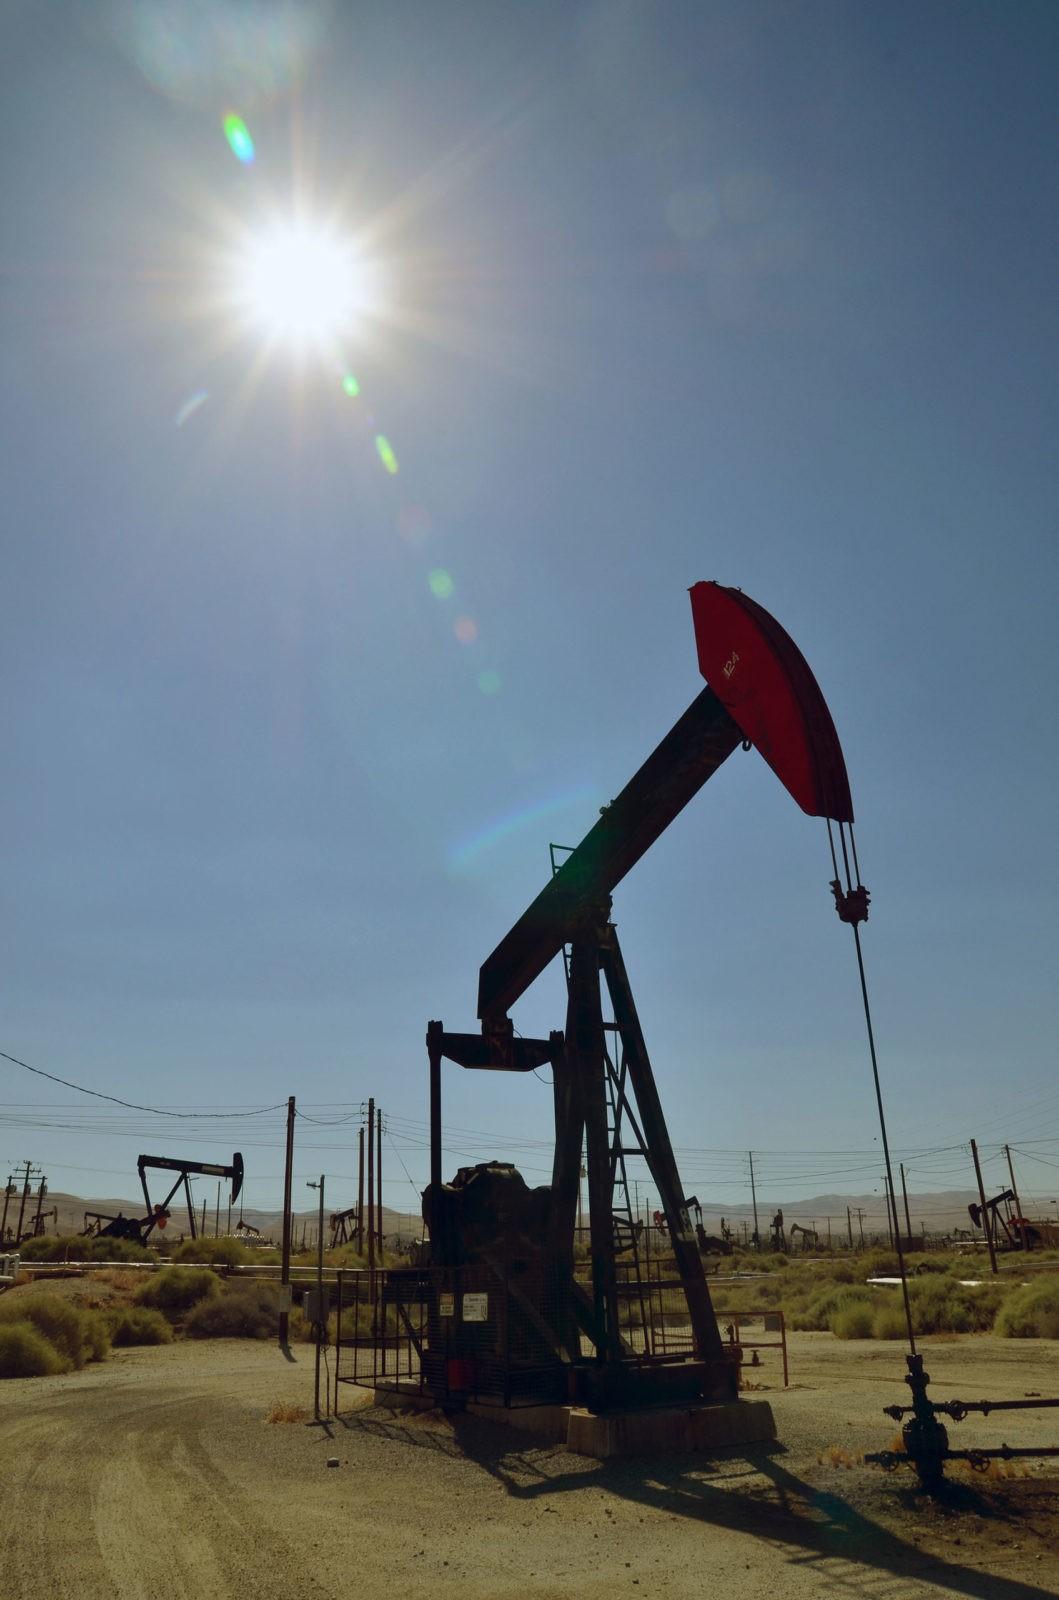 View of oil fracking equipment